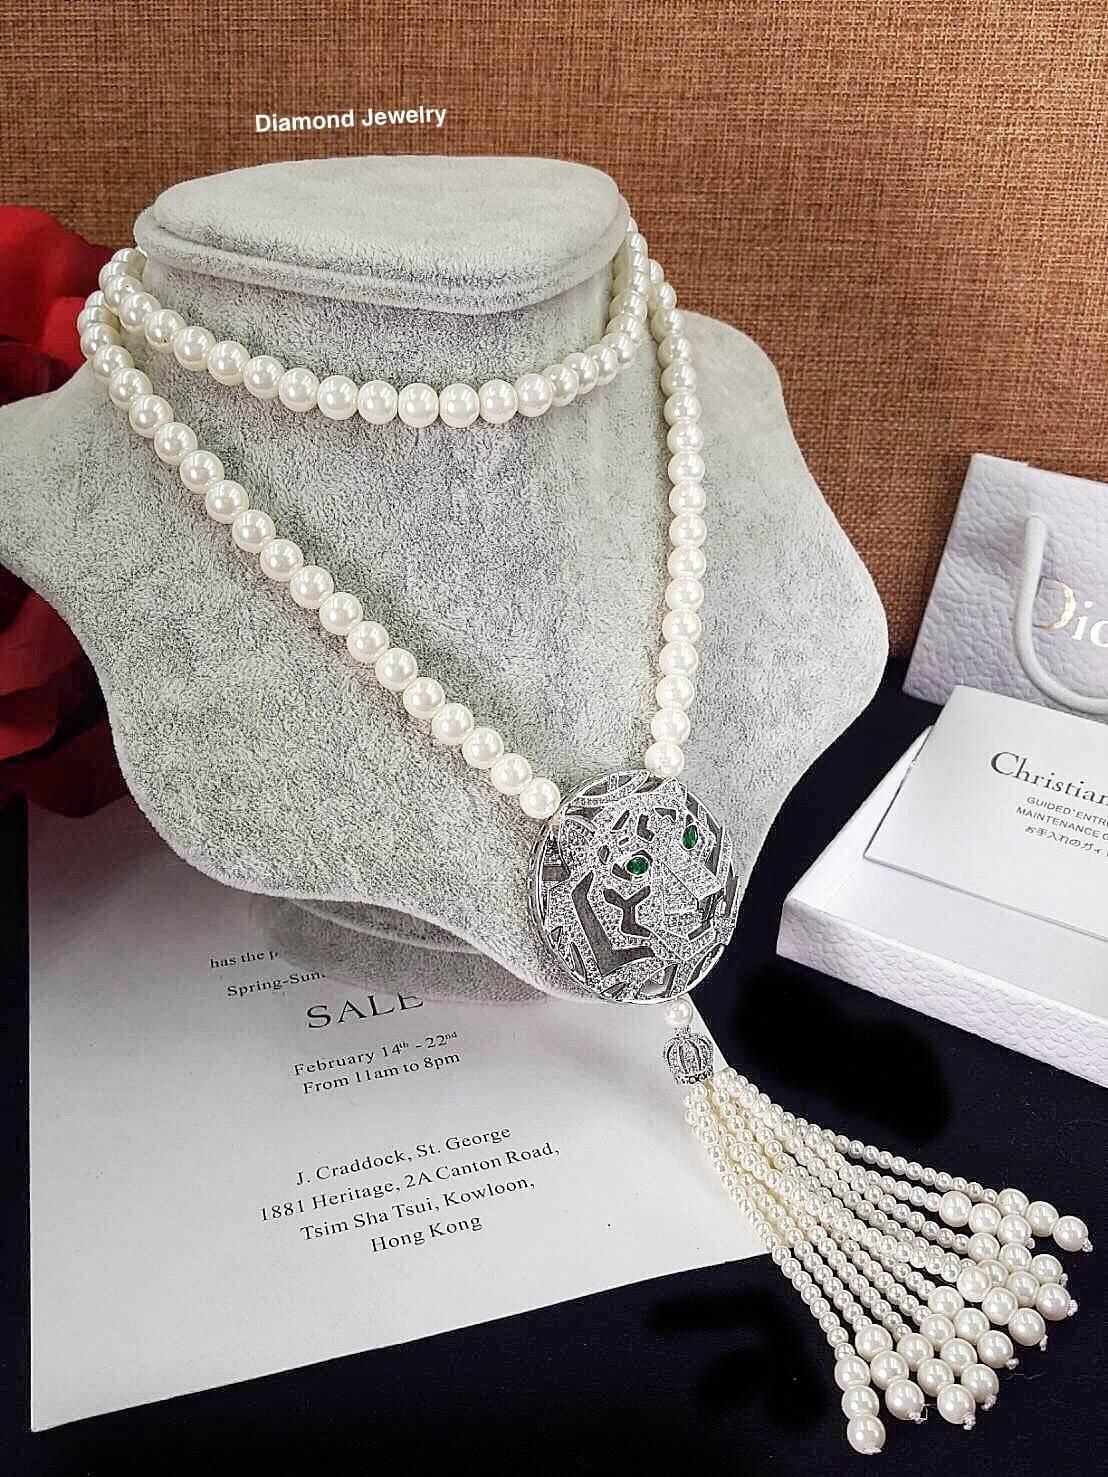 พร้อมส่ง Pearl Necklace สร้อยมุกเกรดพรีเมียม